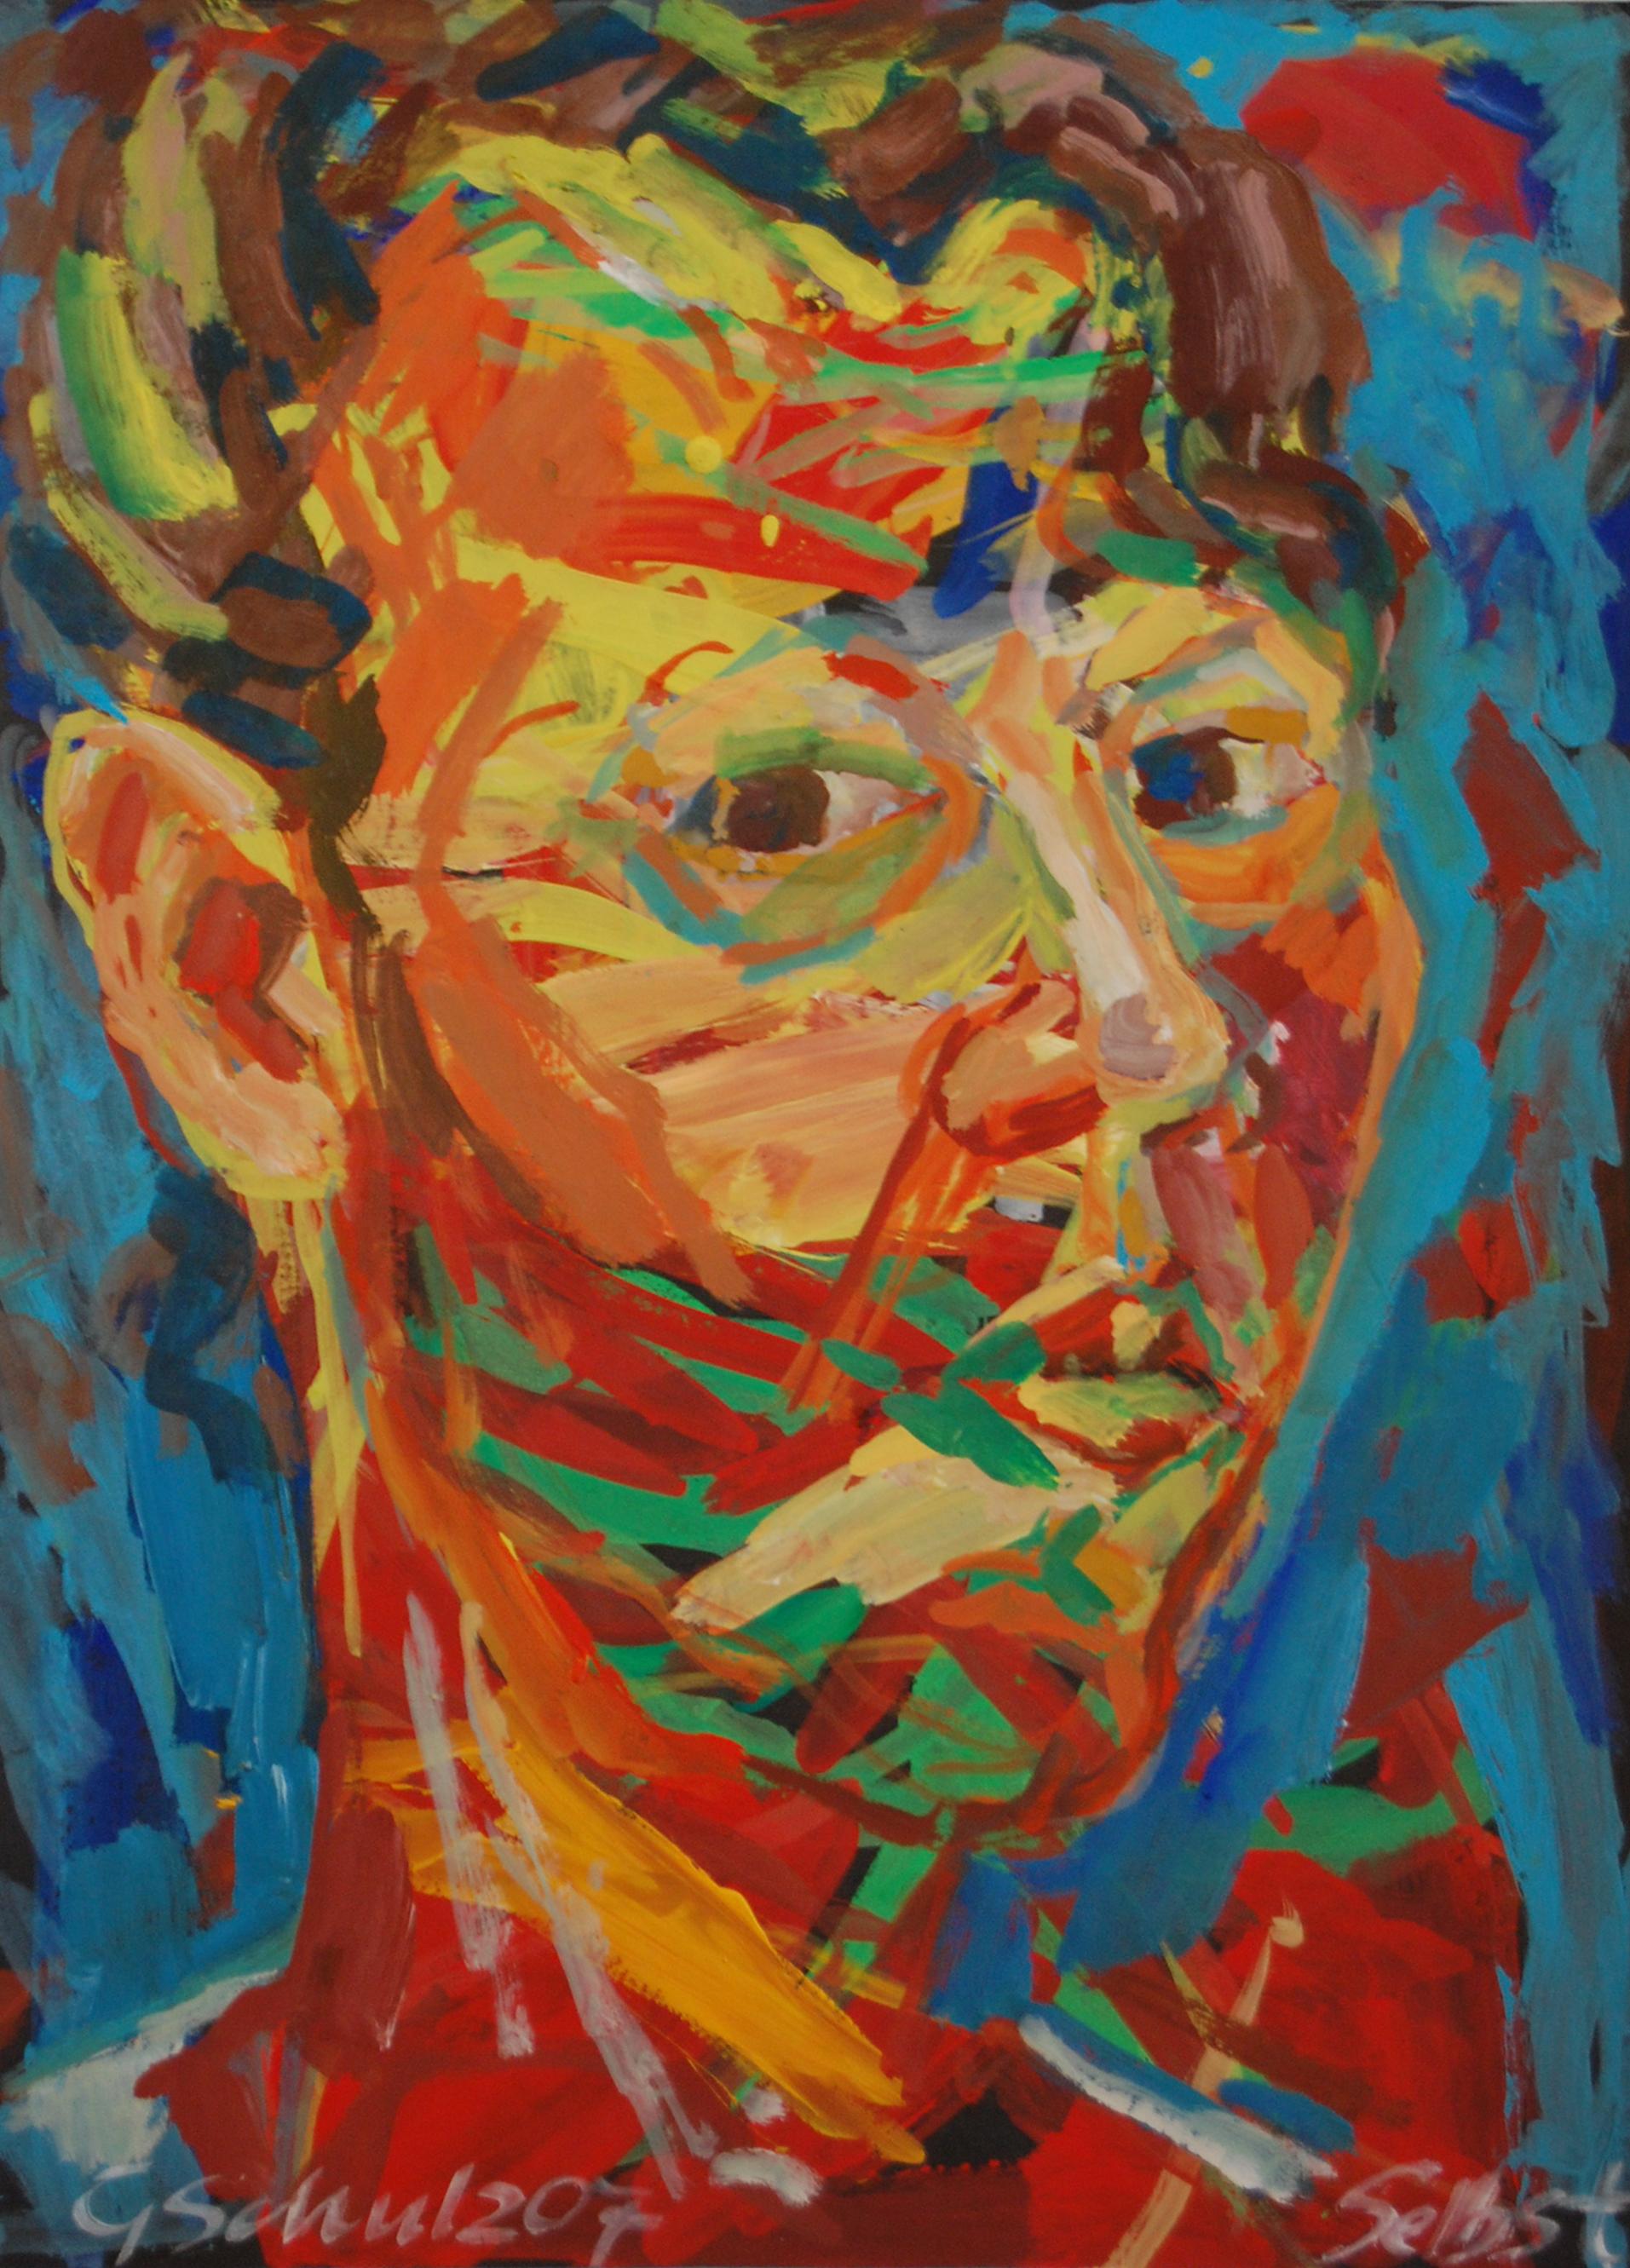 Ausstellung 26.04. - 31.05.2015 | Gabriele Schulz | ...in das lautlose Wasser geworfen | Malerei, Handzeichnungen